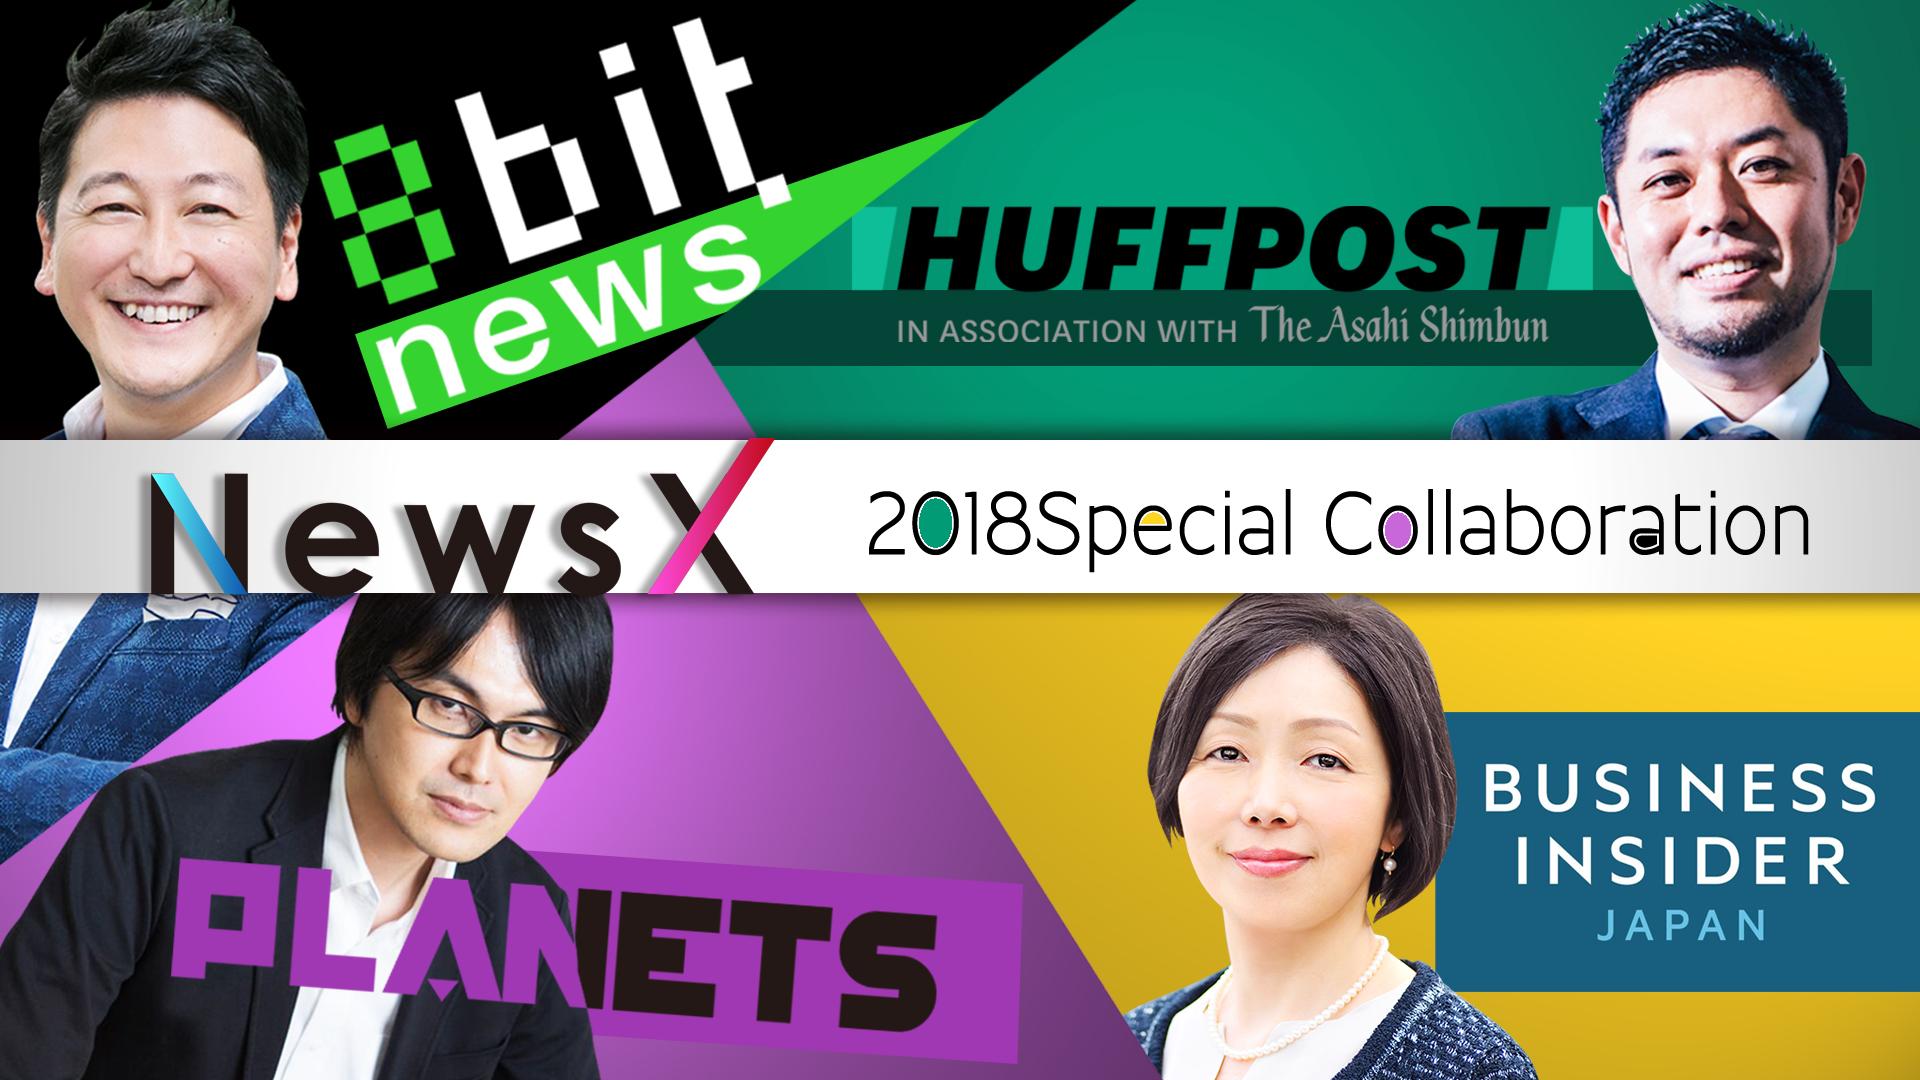 12月27日(木)22:00 O.A. <br>dTVチャンネル「NewsX 2018 Special Collaboration」